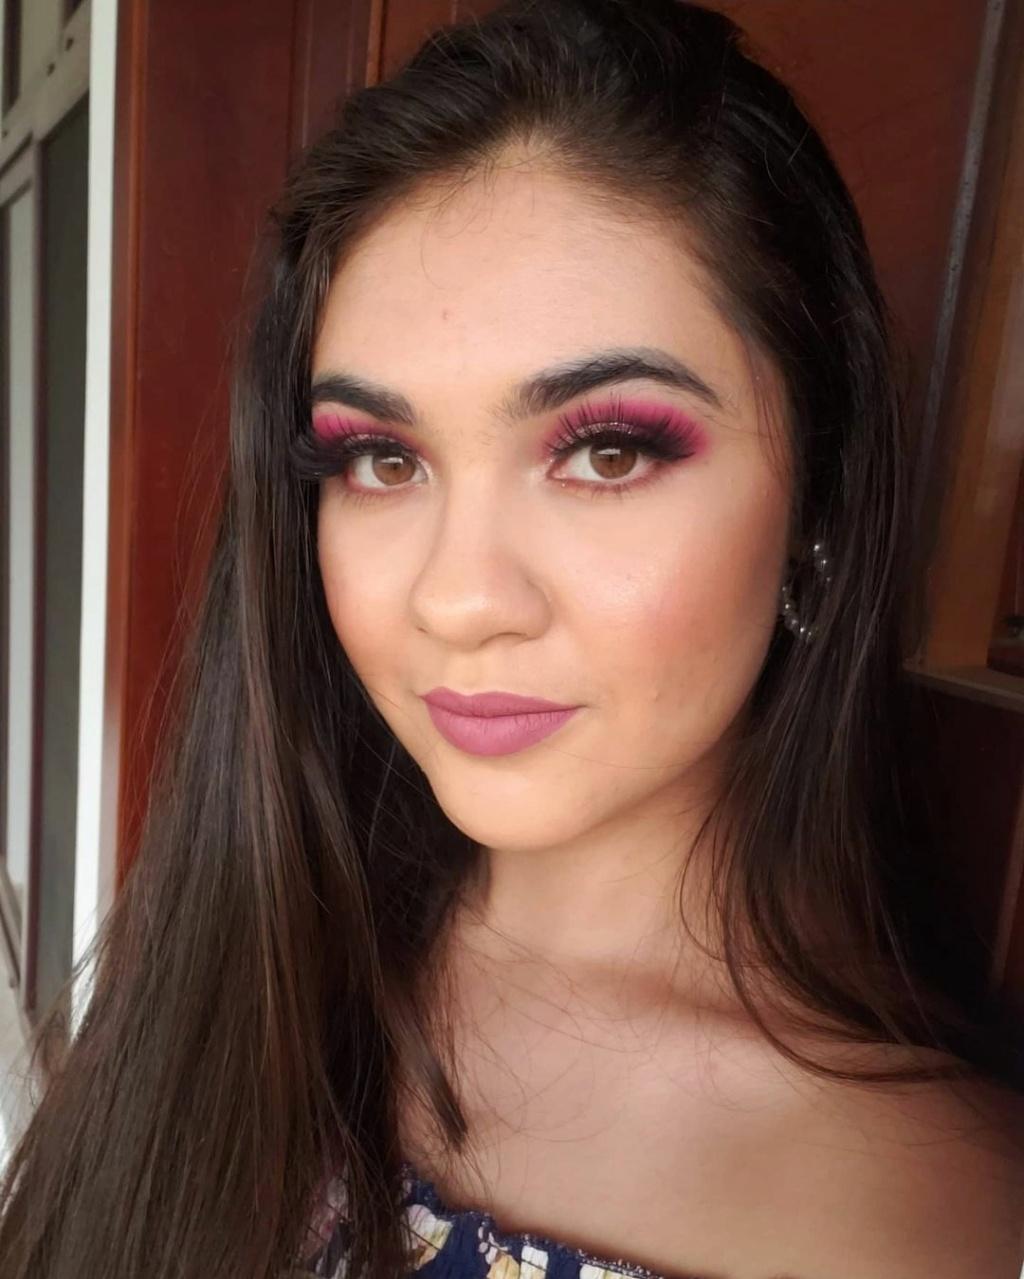 DEBATE sobre belleza, guapura y hermosura (fotos de chicas latinas, mestizas, y de todo) - VOL II - Página 4 Img_1592